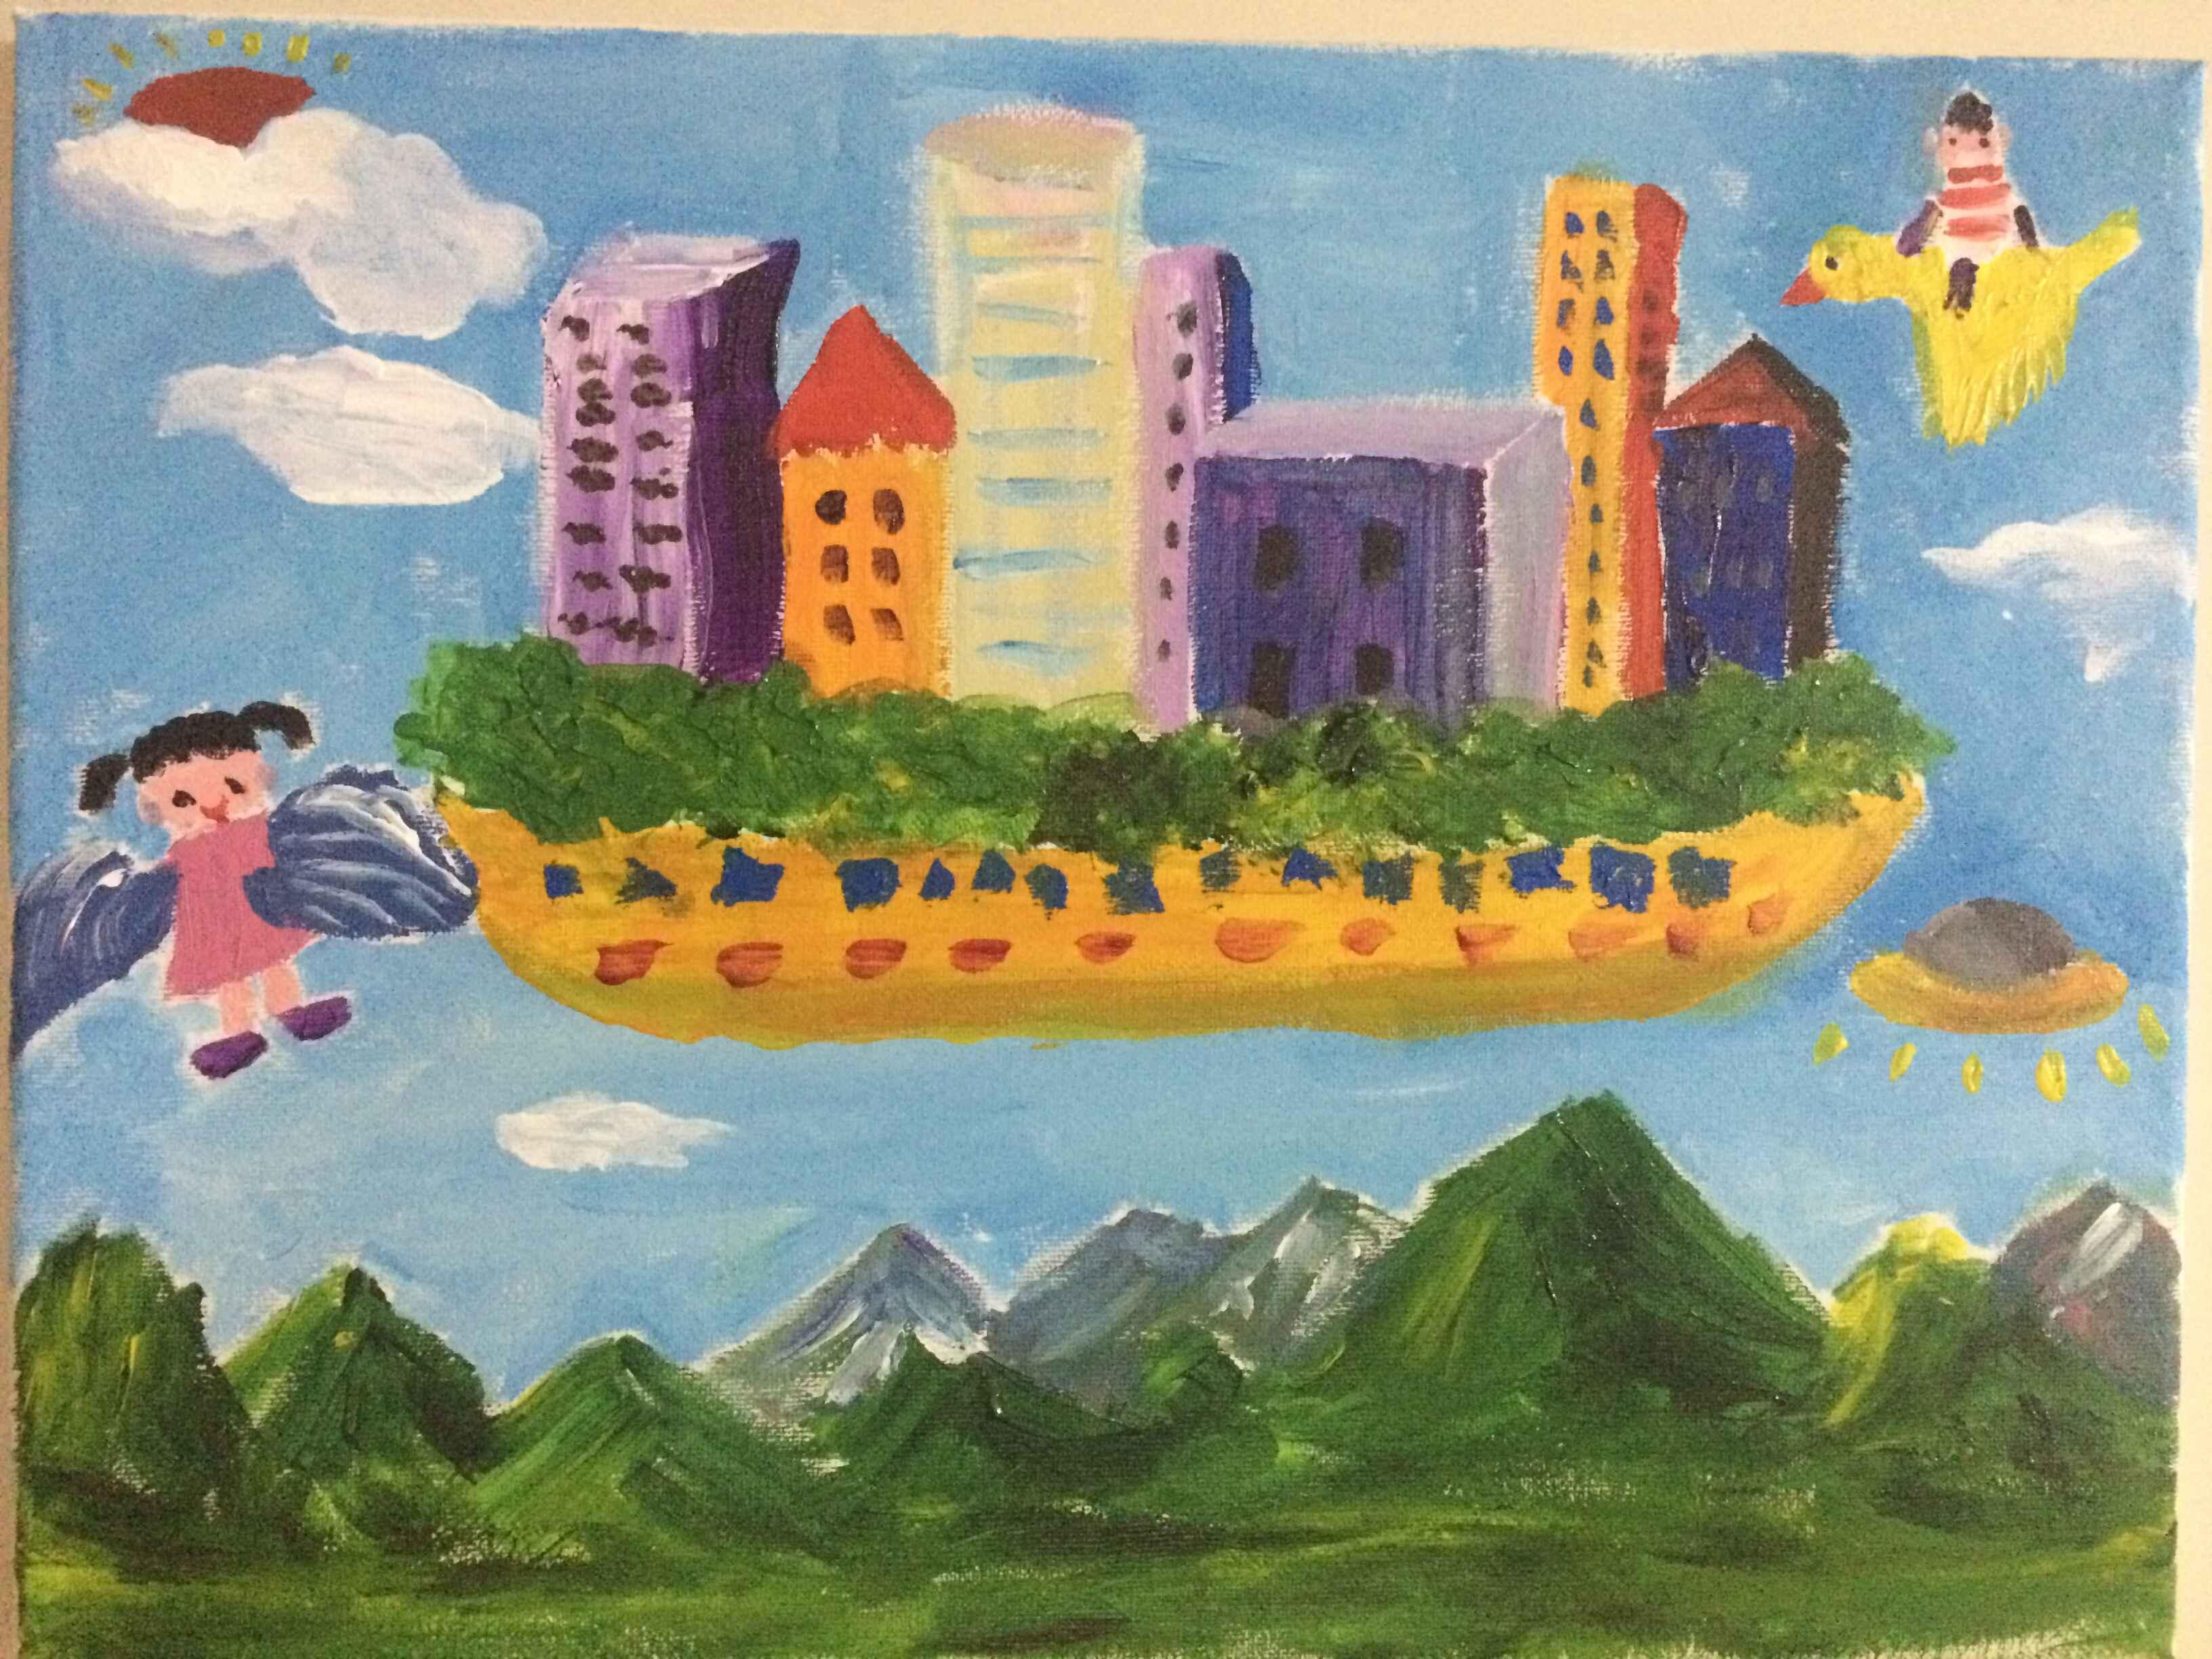 想·未来——我的世界网友作品:天空之城